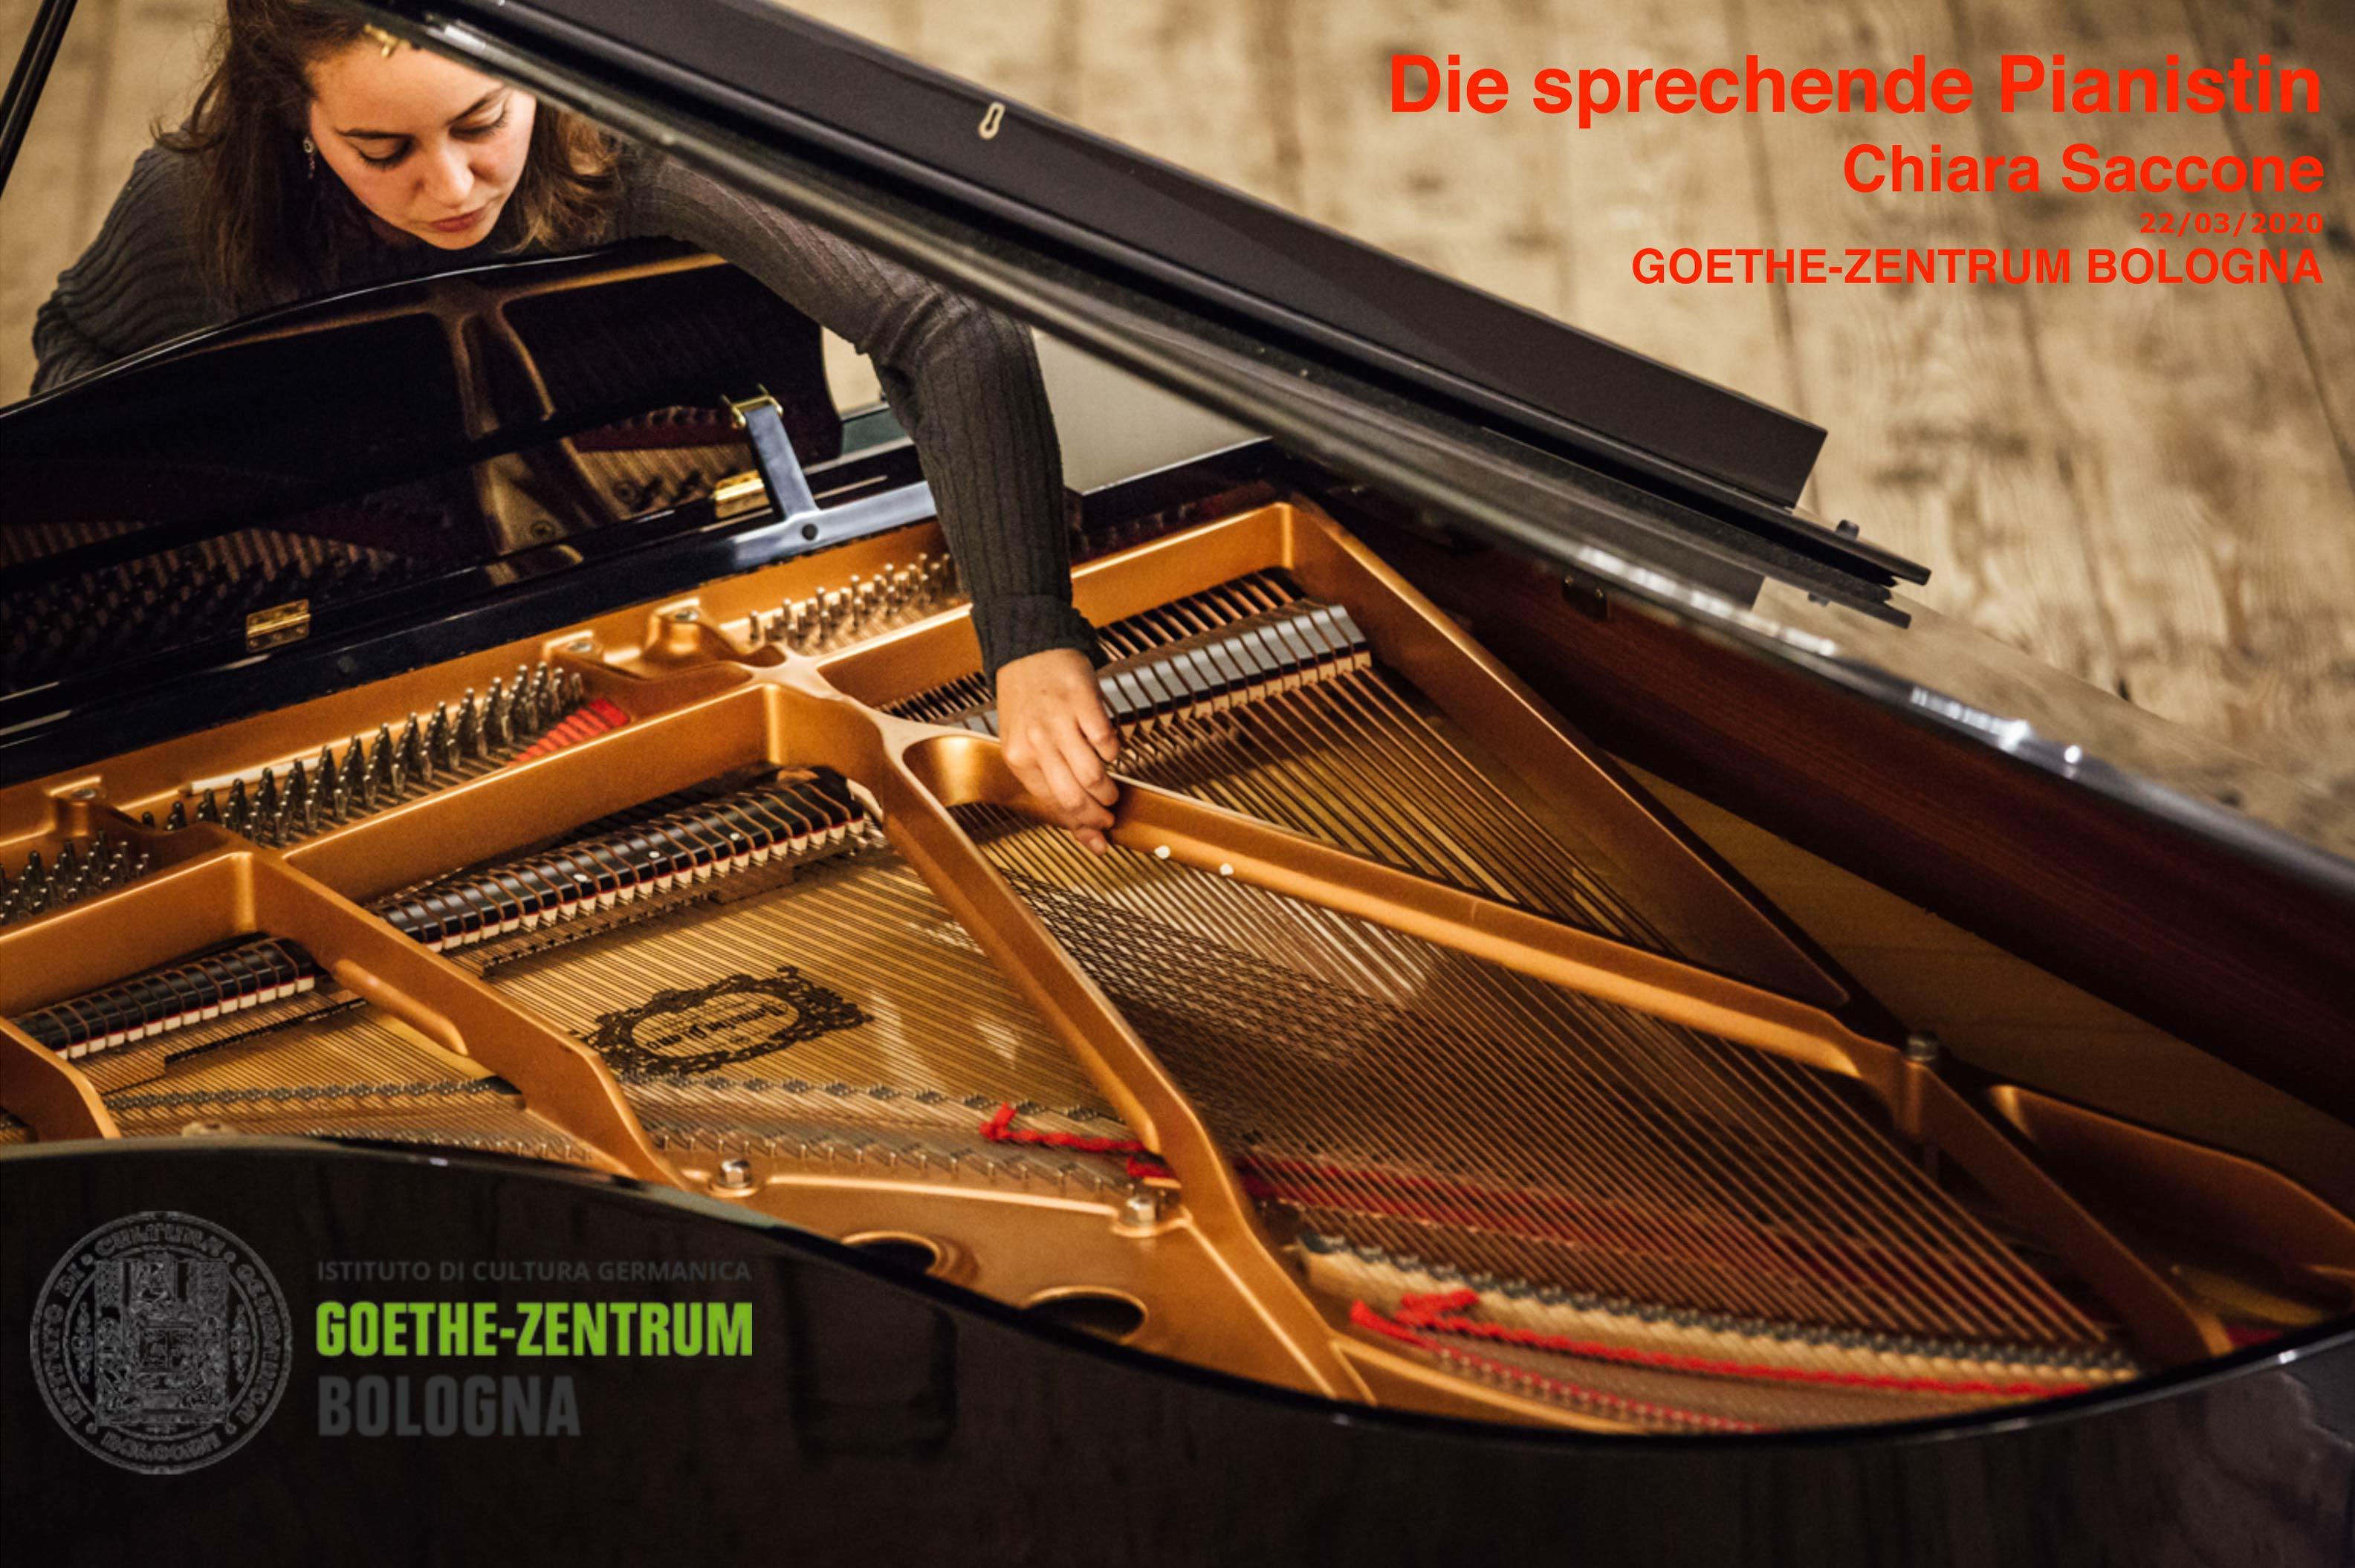 EXITIME 2020 Die Sprechende Pianistin